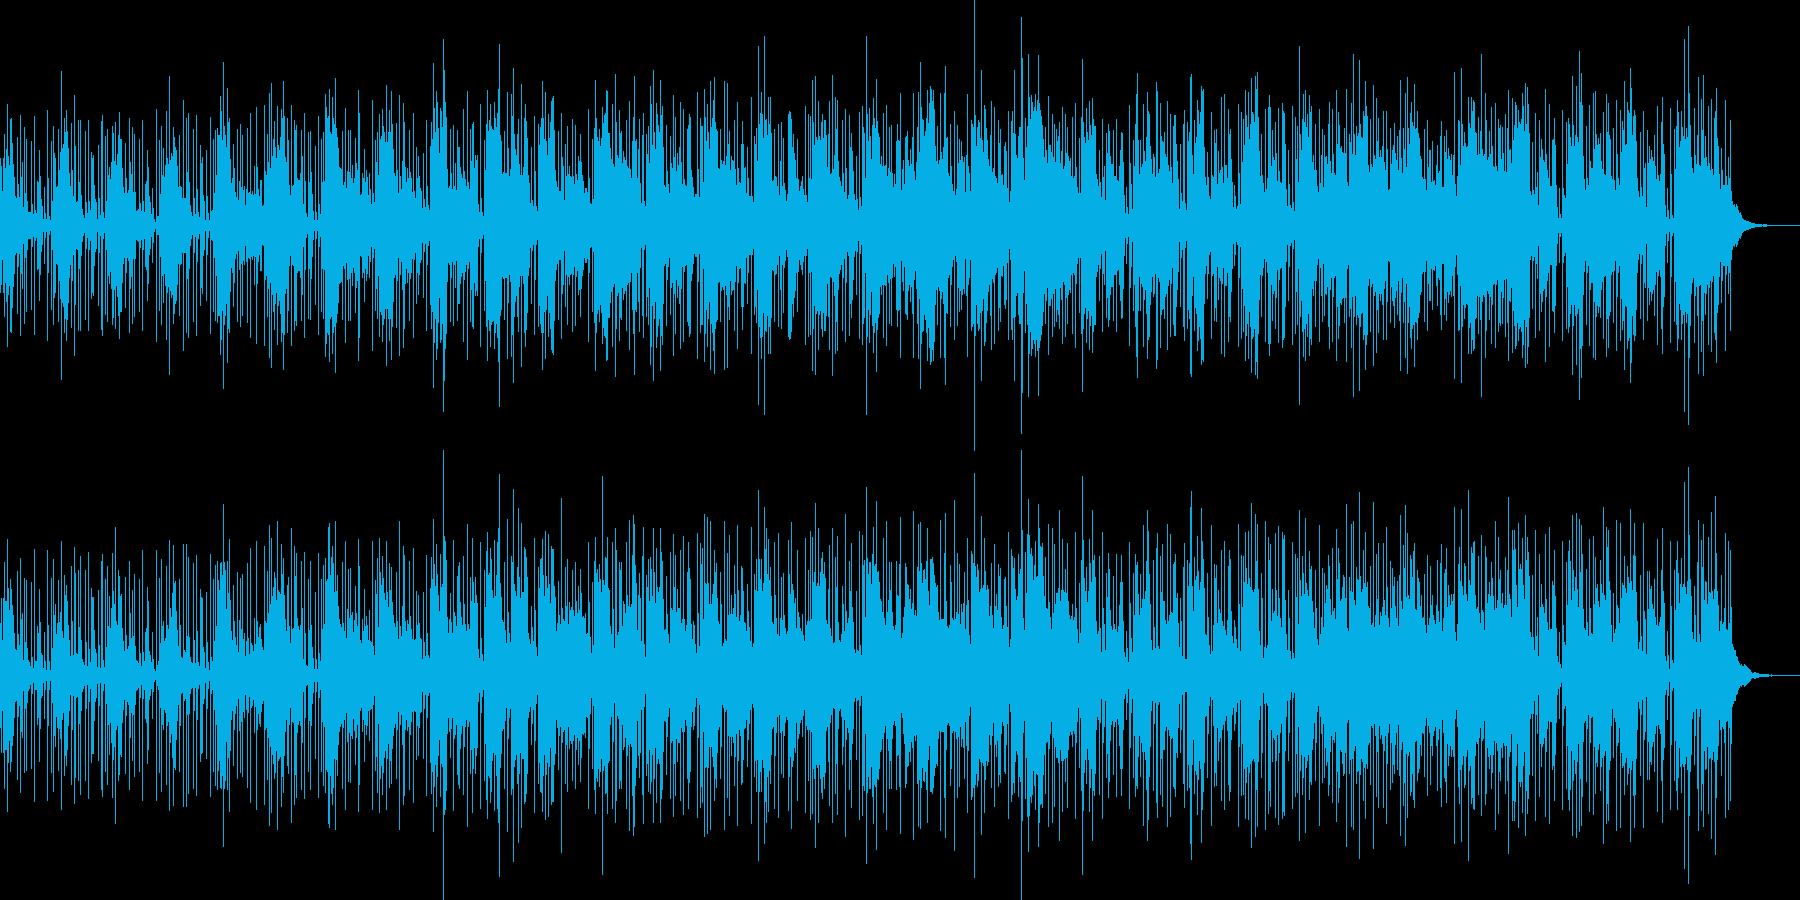 エレクトロミュージックの再生済みの波形